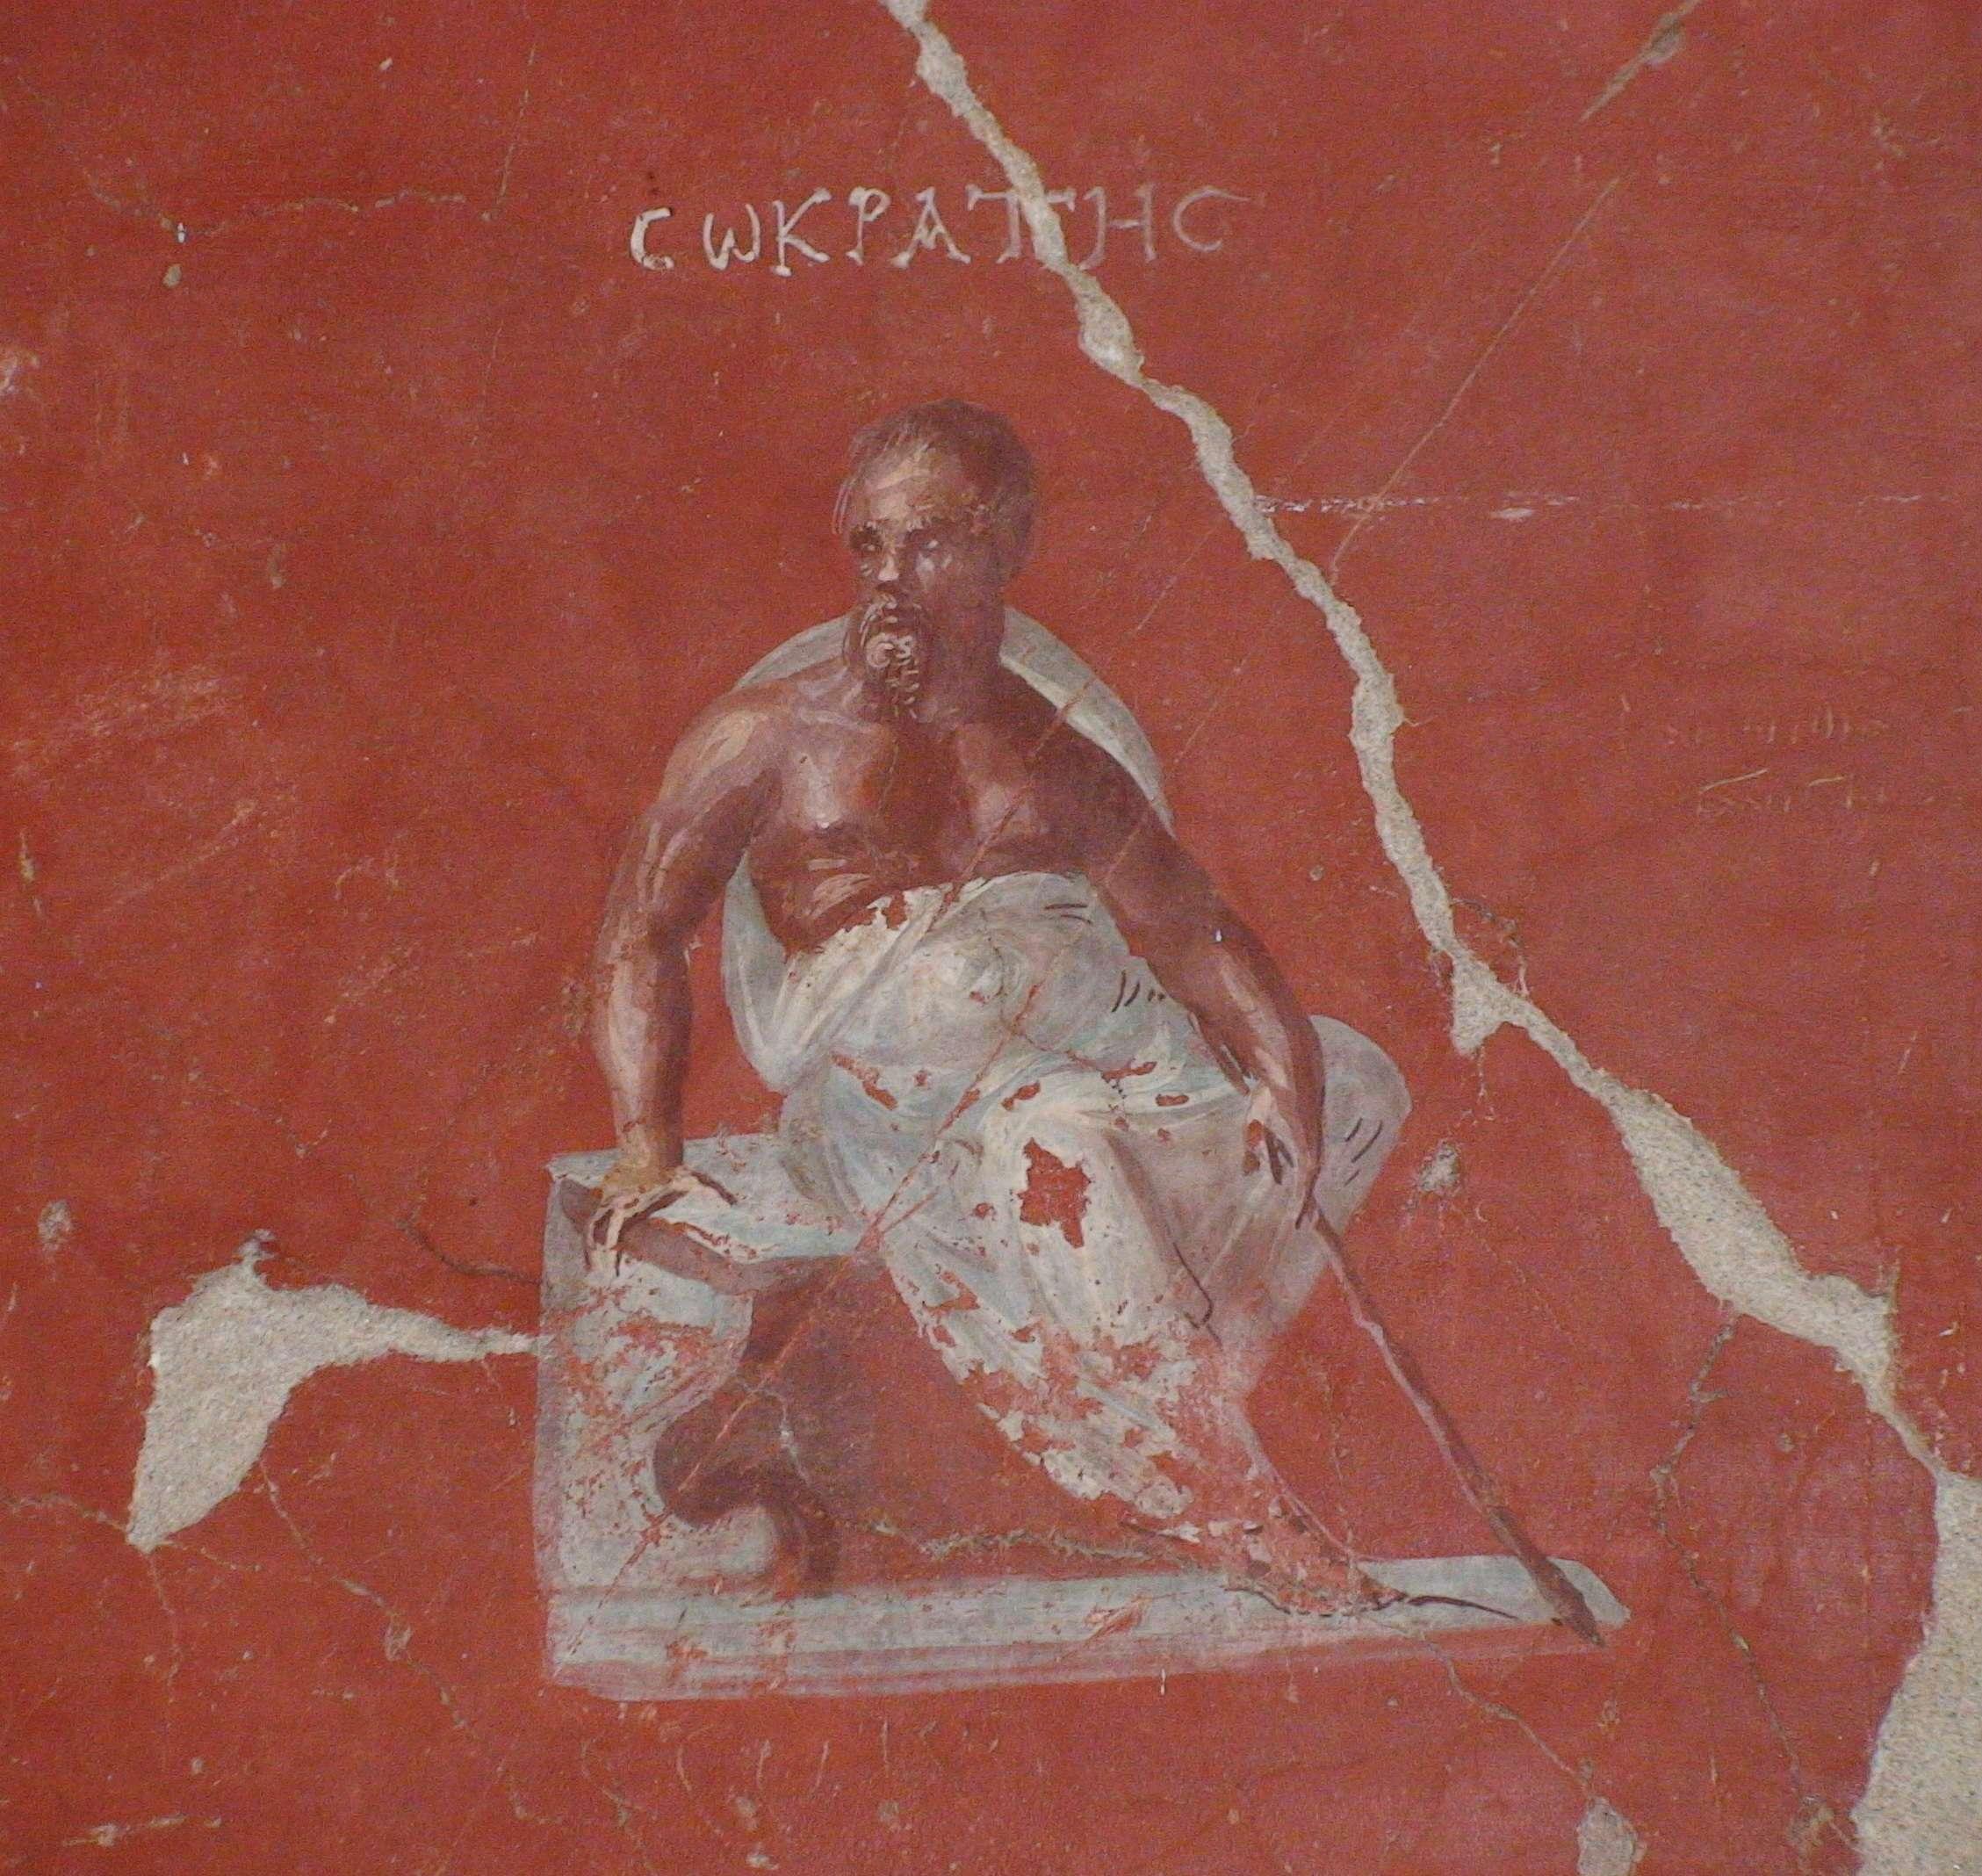 Ο Σωκράτης σε τοιχογραφία (Μουσείο Εφέσου, Τουρκία, 1ος-5ος αιώνας)